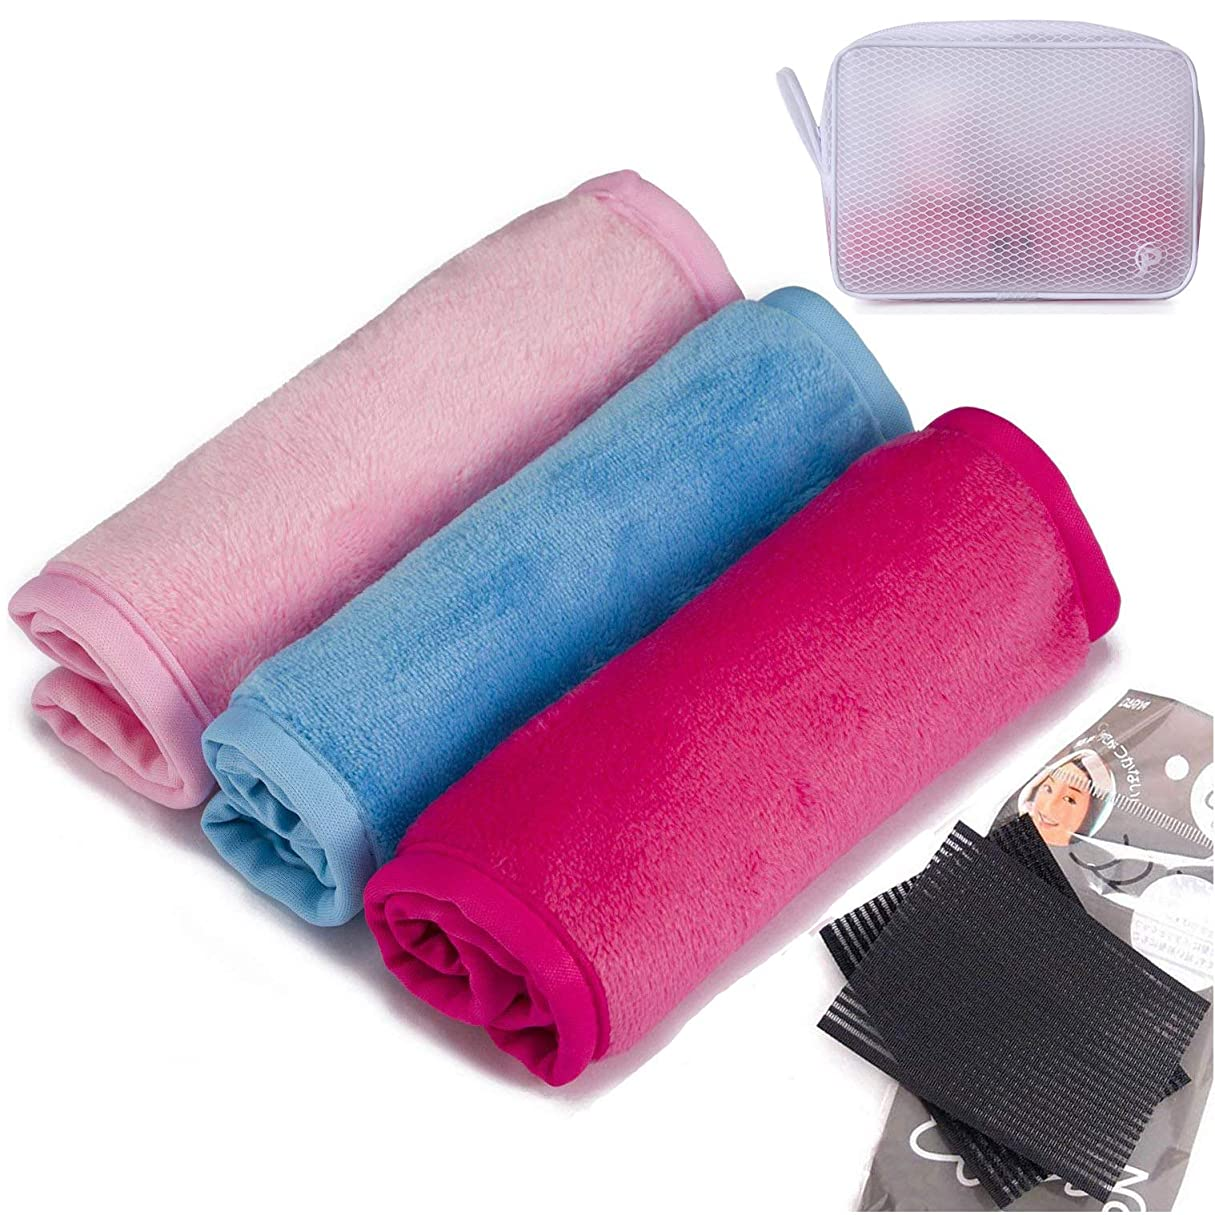 返還無視できる単語メイク落とし布3枚パック - 水だけで落とせるのでケミカルフリー - 再利用可能な洗顔タオル - 返金保証付き(ピンク1枚+青1枚+ロージー1枚)